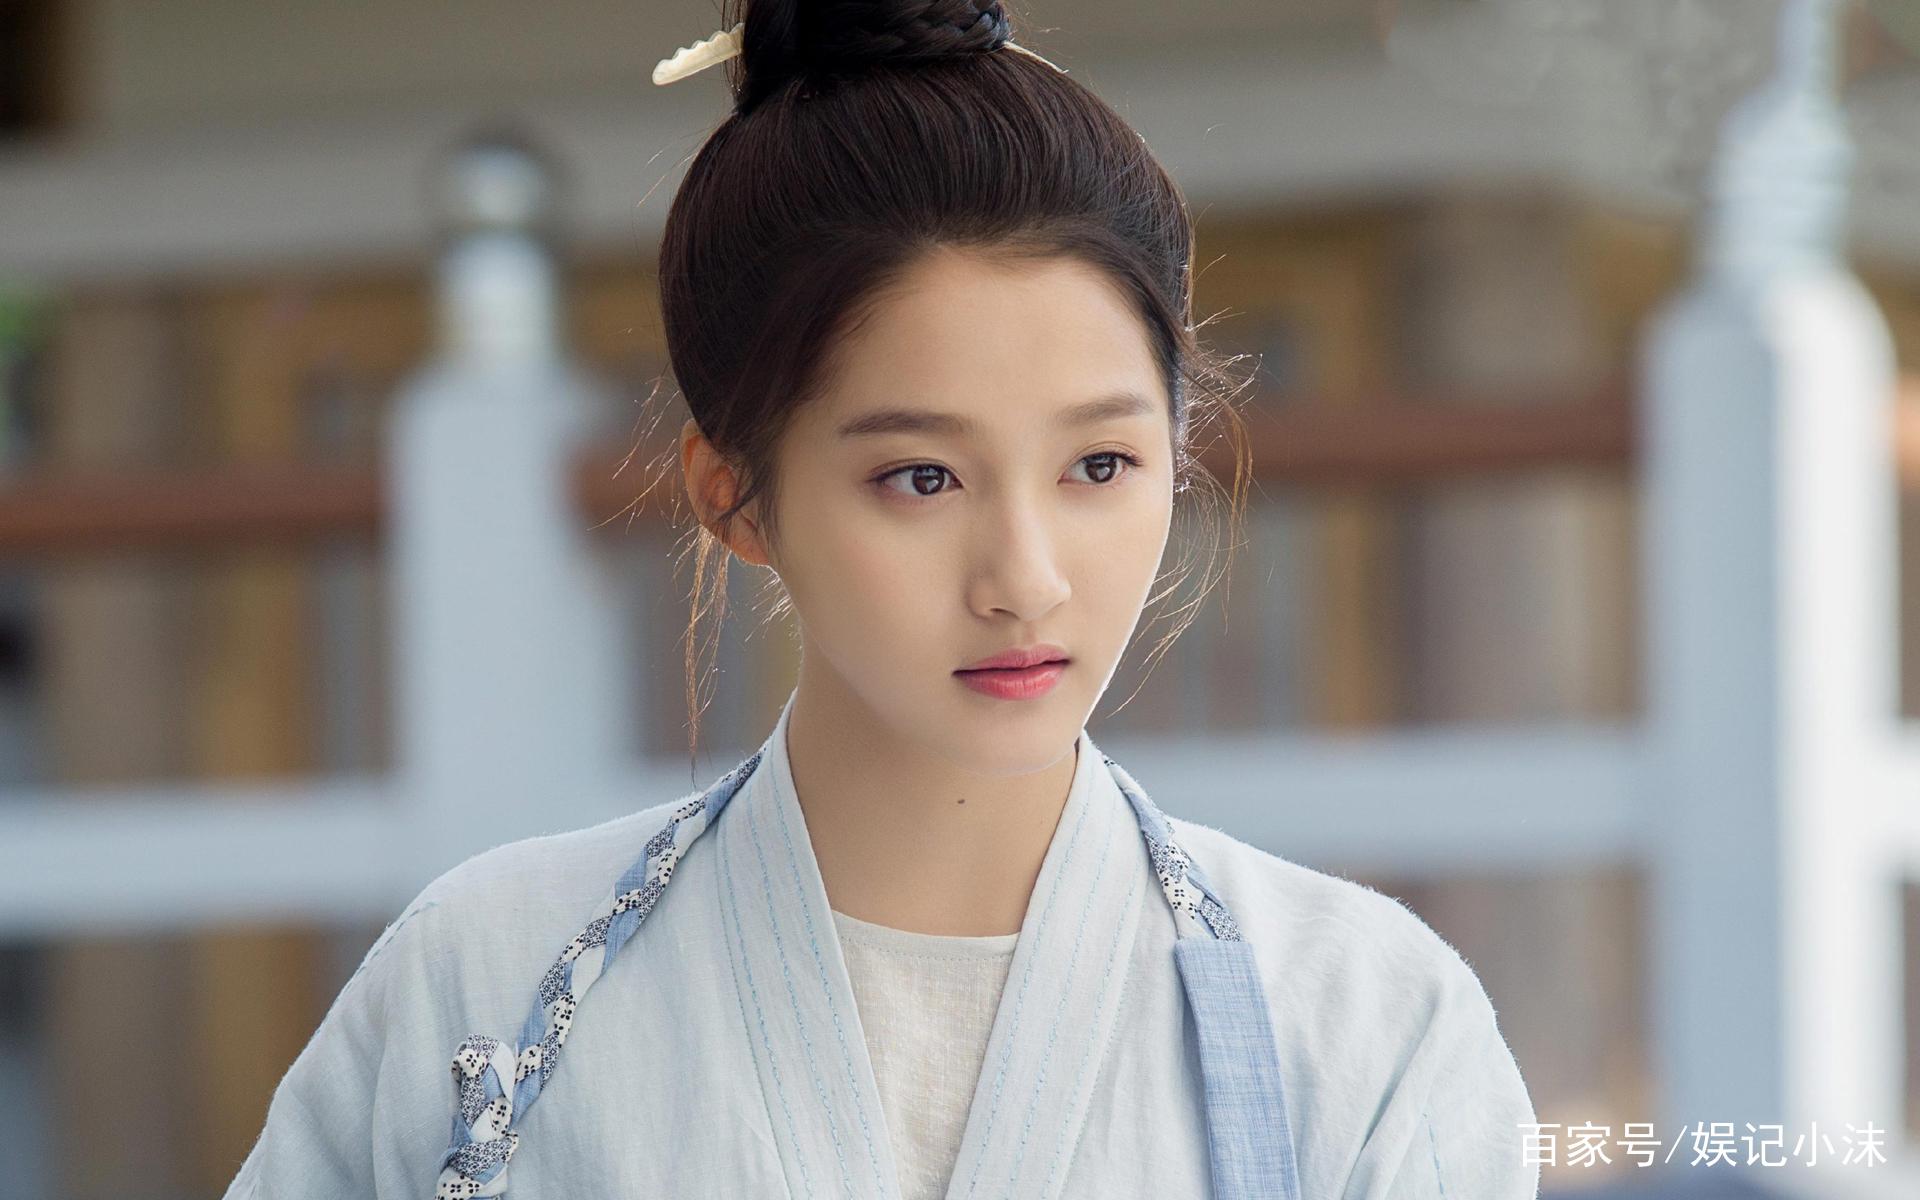 女星丸子头造型,张馨予帅气,杨紫俏皮,她居然比赵丽颖还可爱